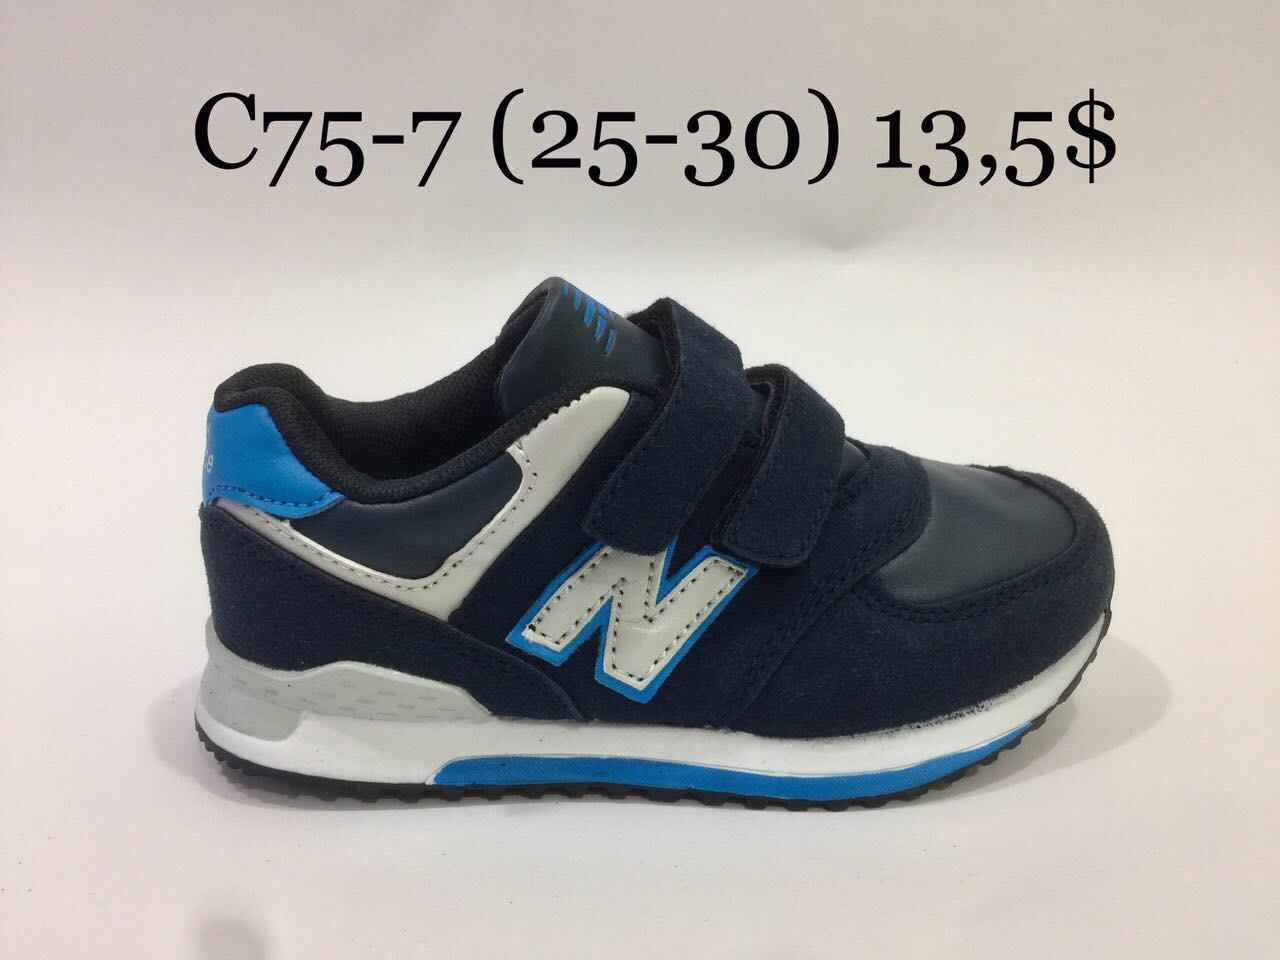 a7c376c0ac07 Детские кроссовки оптом от New Balance (31-36)  продажа, цена в ...